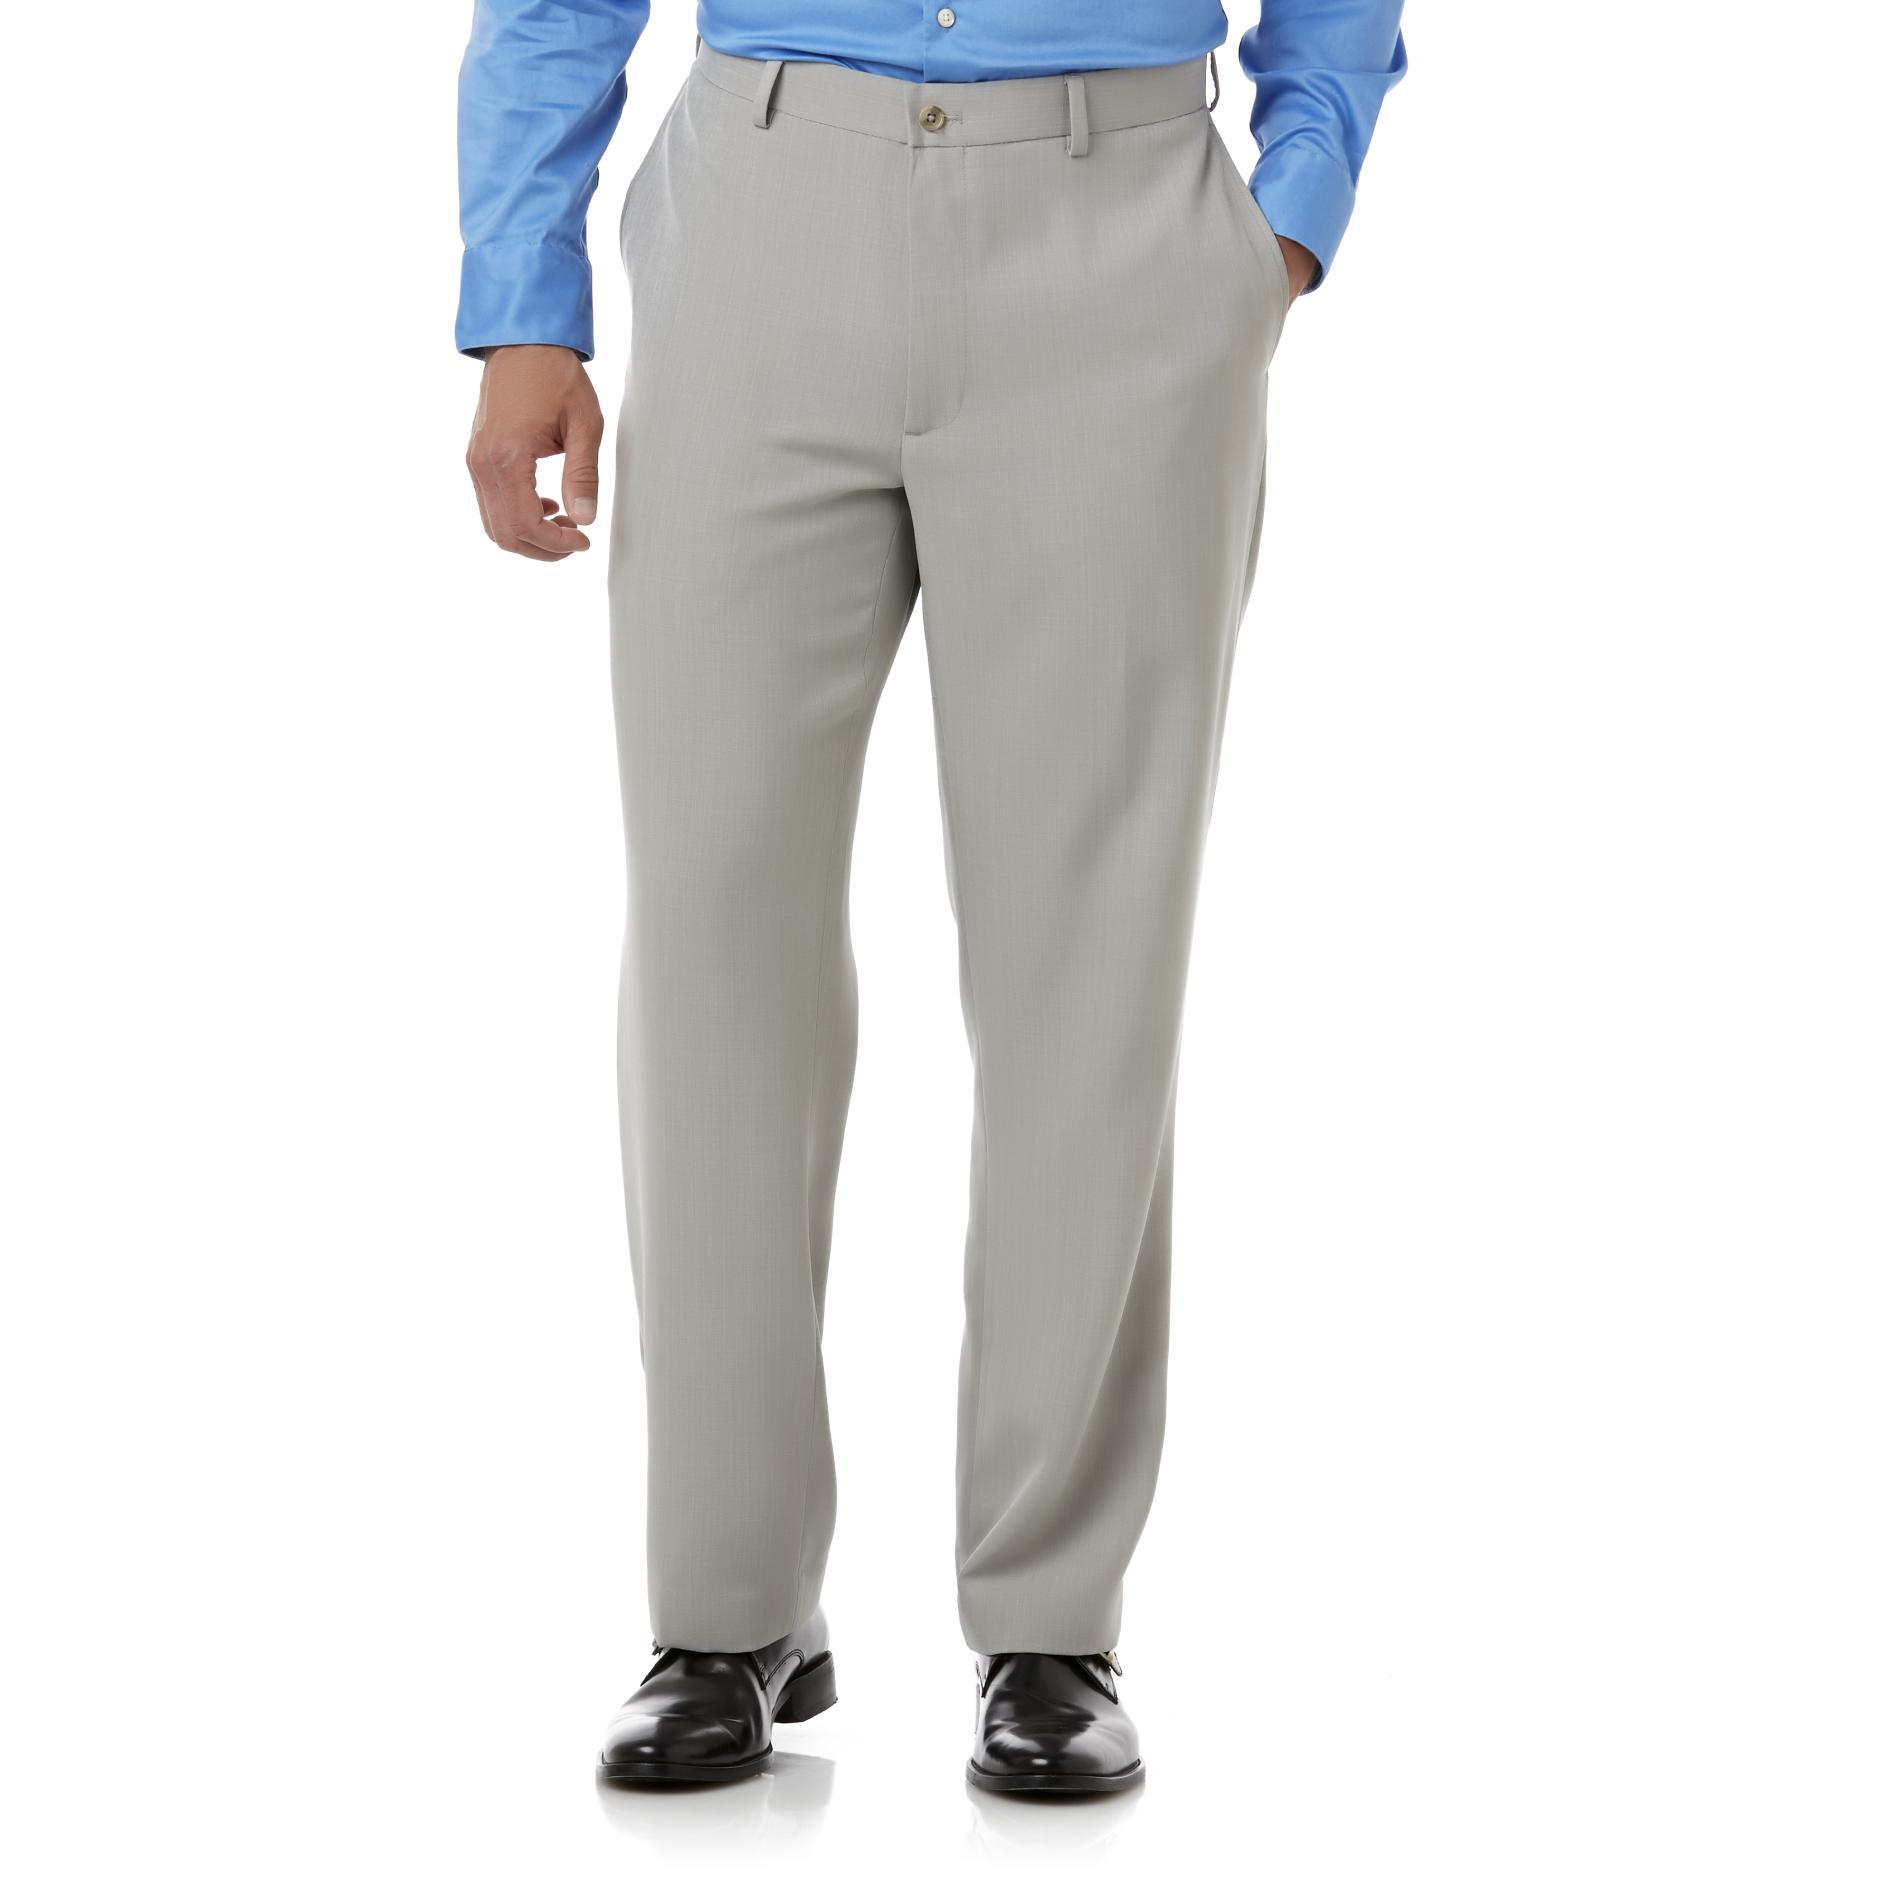 Men's Dress Pants - Herringbone